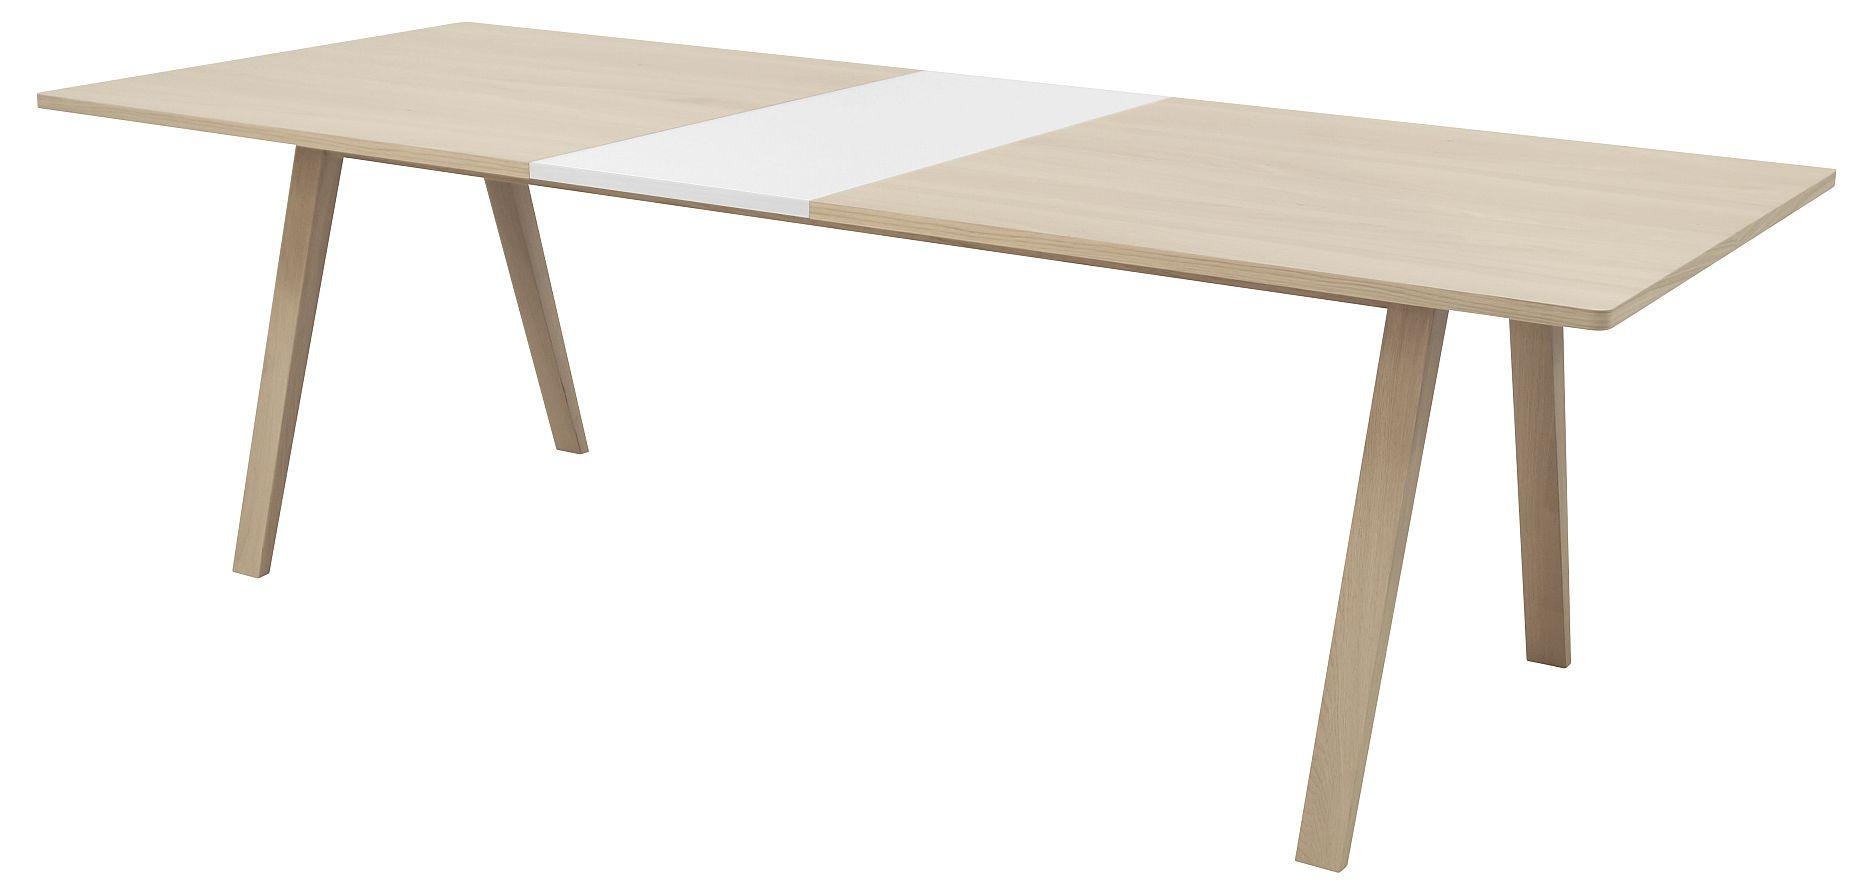 Interstil Uitschuifbare Tafel Miso - 200/245 X 100 X 75 Cm - Eiken - Inclusief 1 Verlengstuk